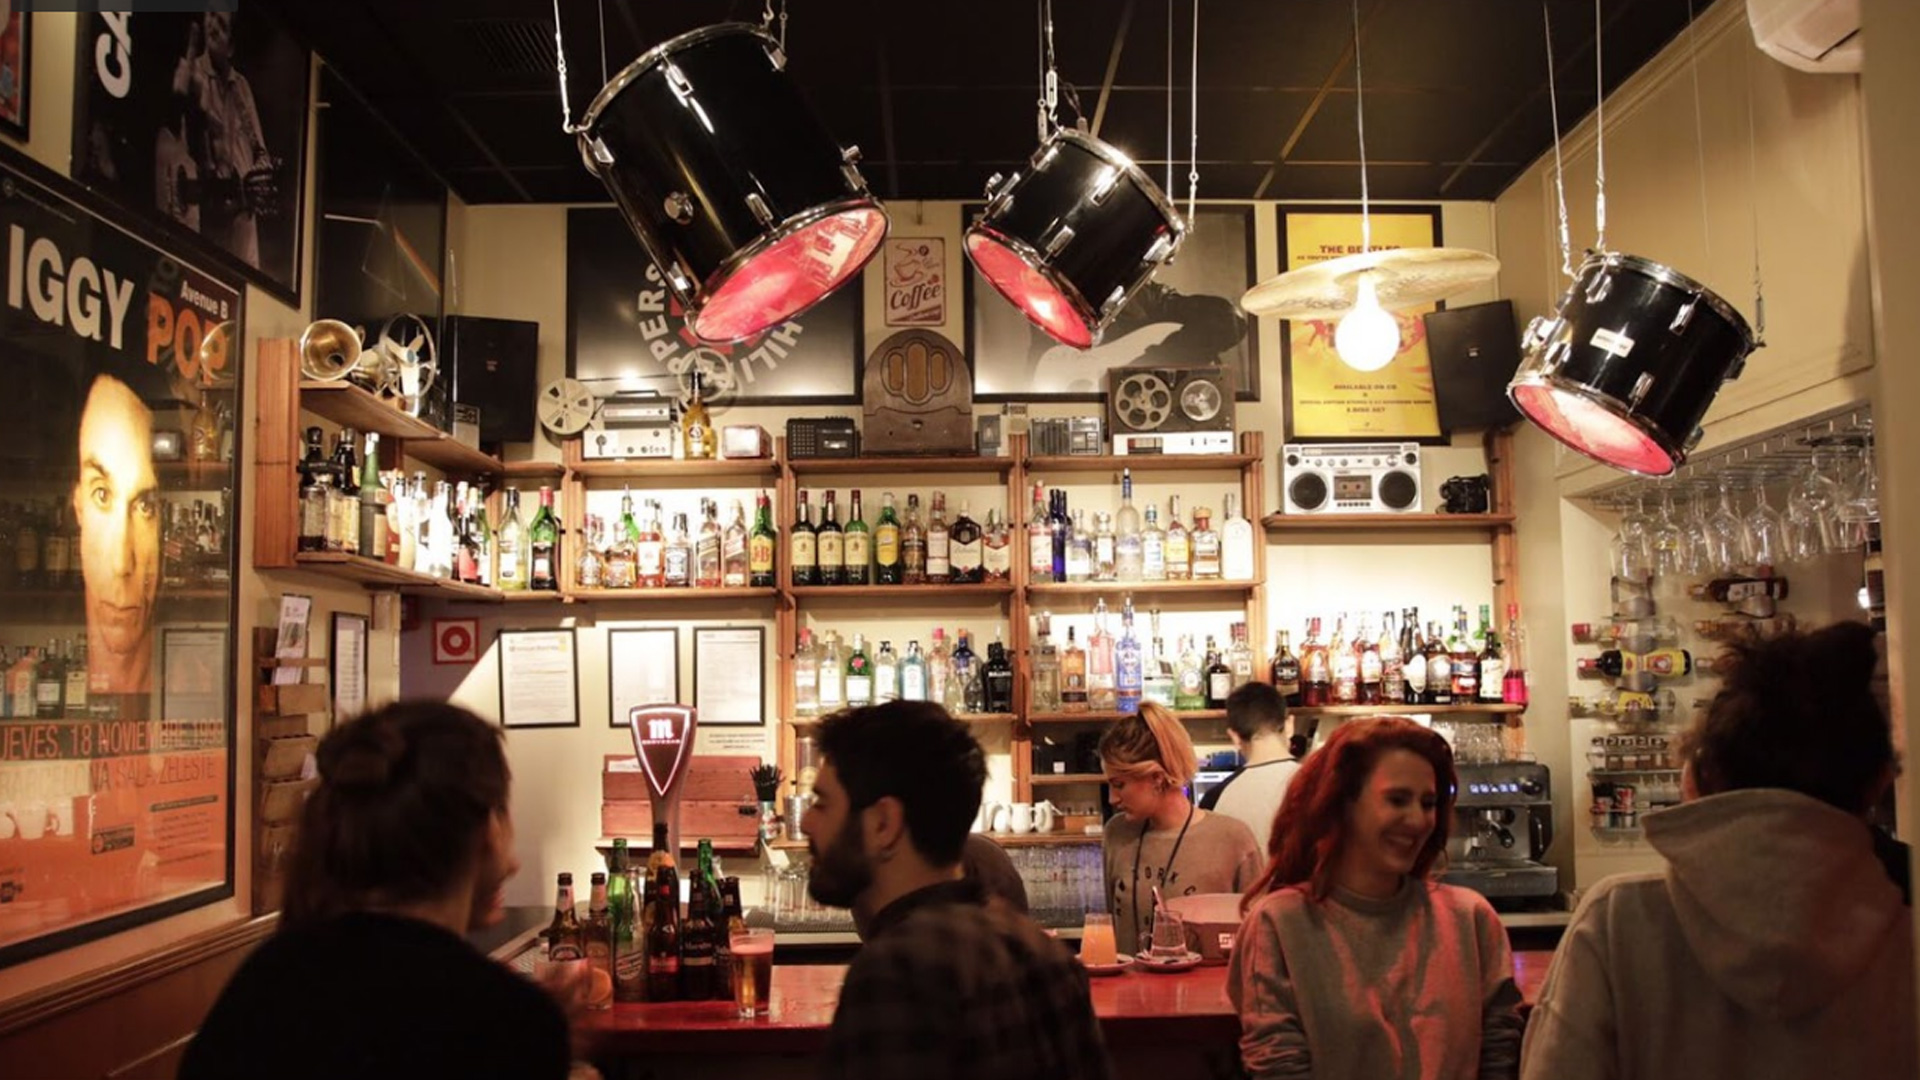 C3 en Café La Palma